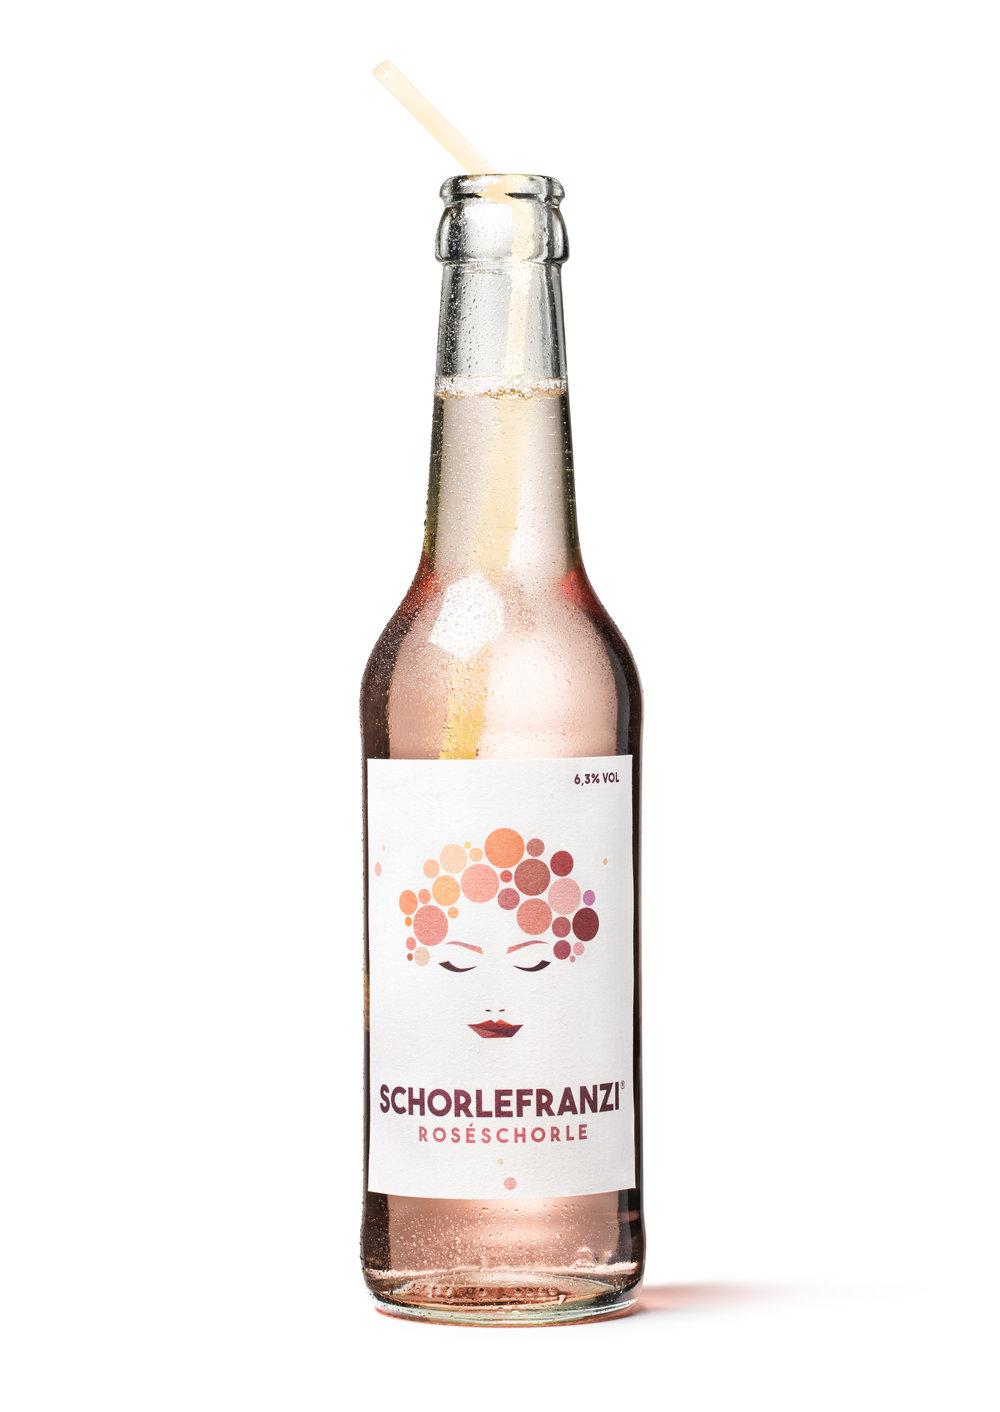 Schorlefranzi-Flasche-Strohhalm.jpg